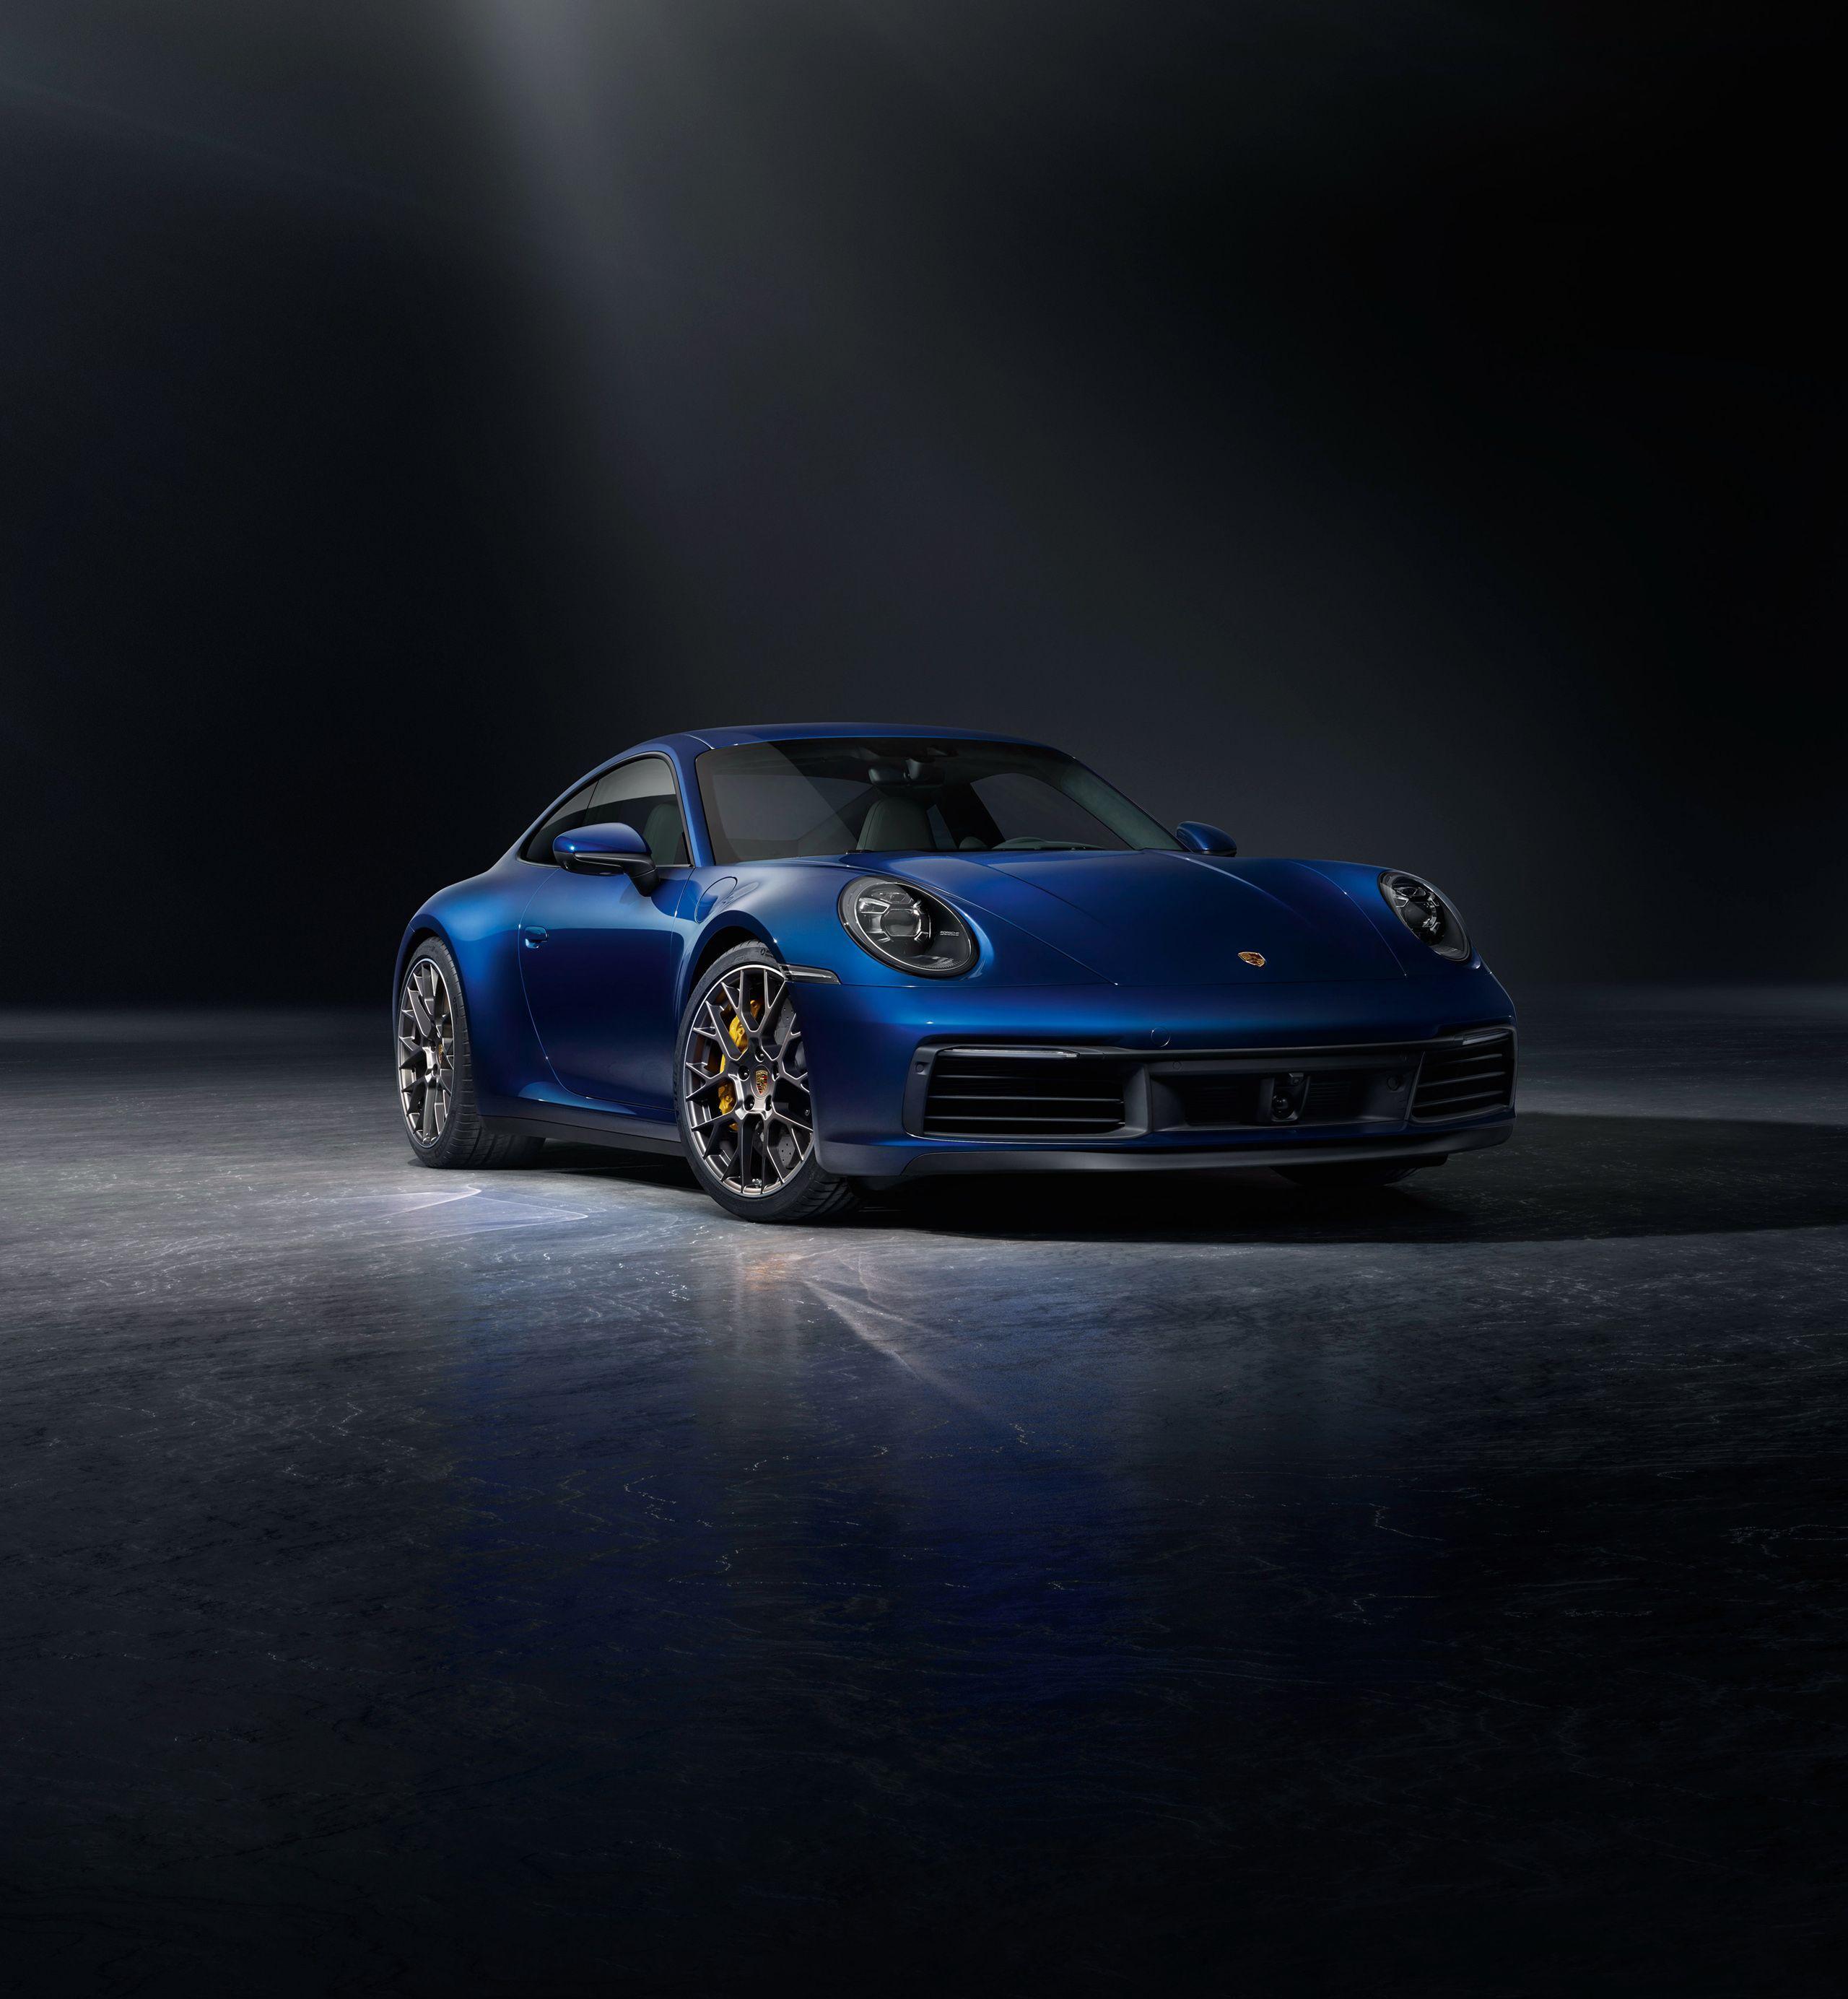 Porsche 911 Blue Wallpapers   Top Porsche 911 Blue 2560x2769